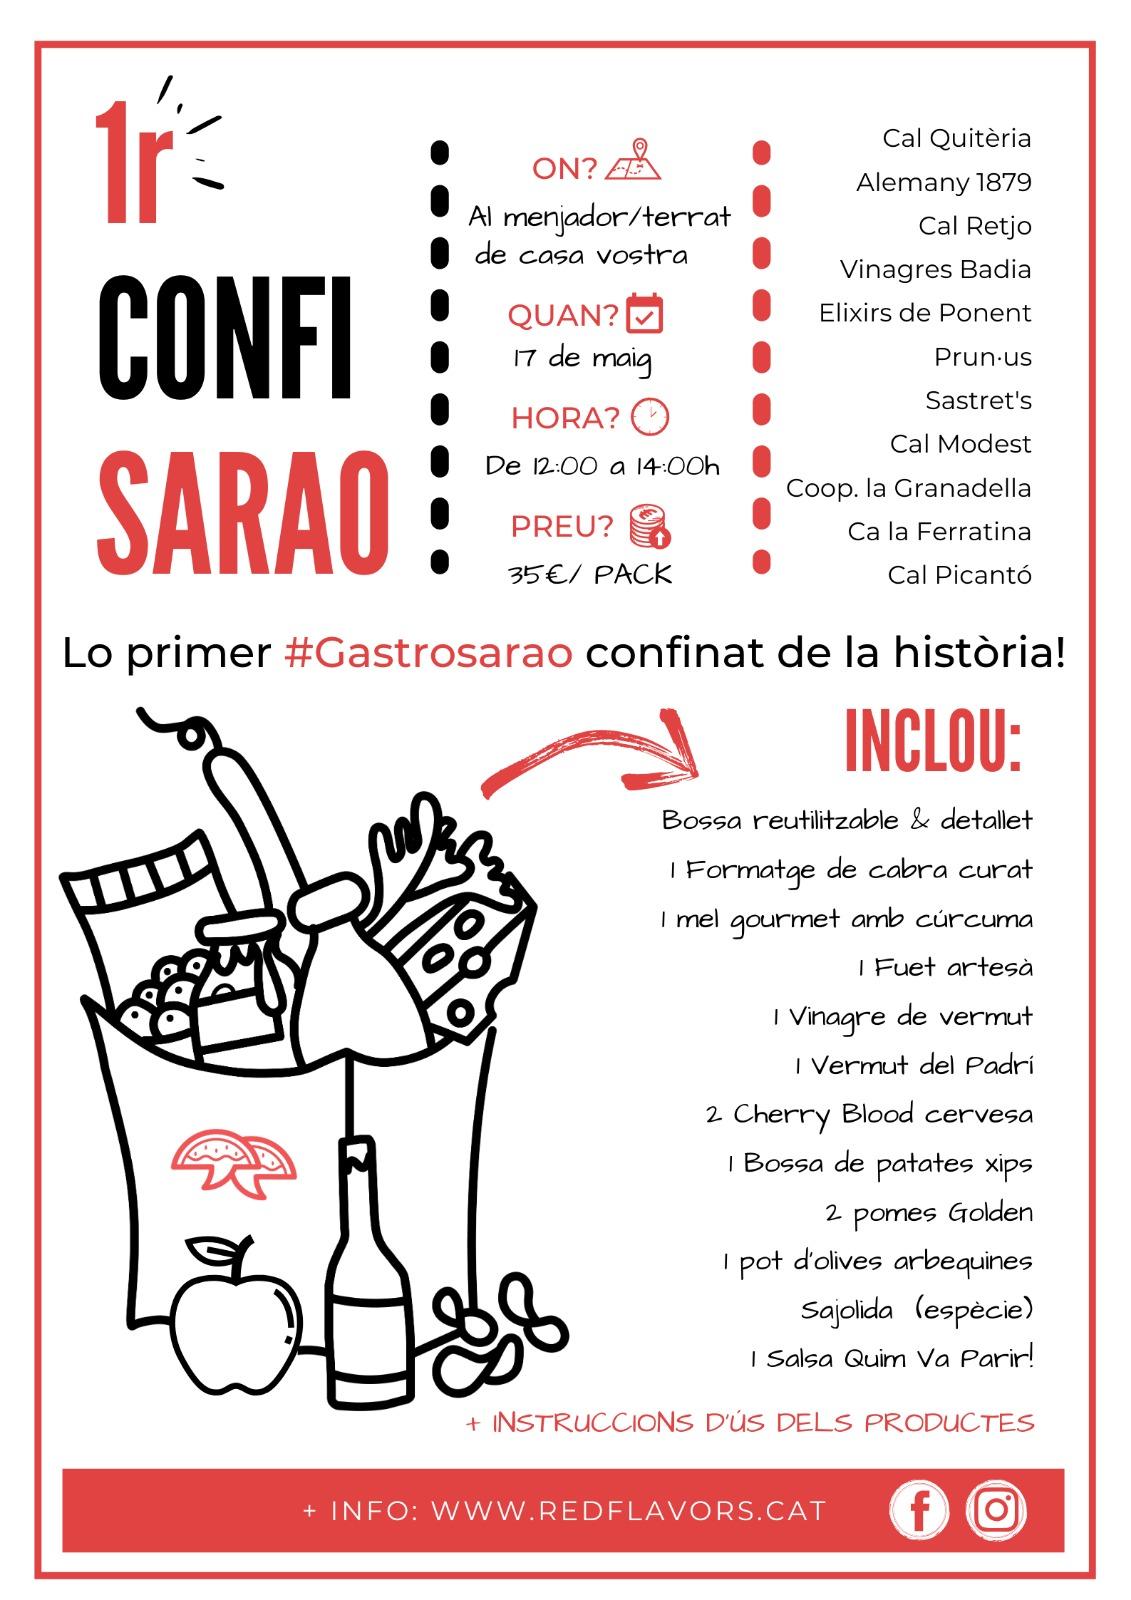 'Gastrosarao' confinat virtual de Red Flavors i 11 productors lleidatans